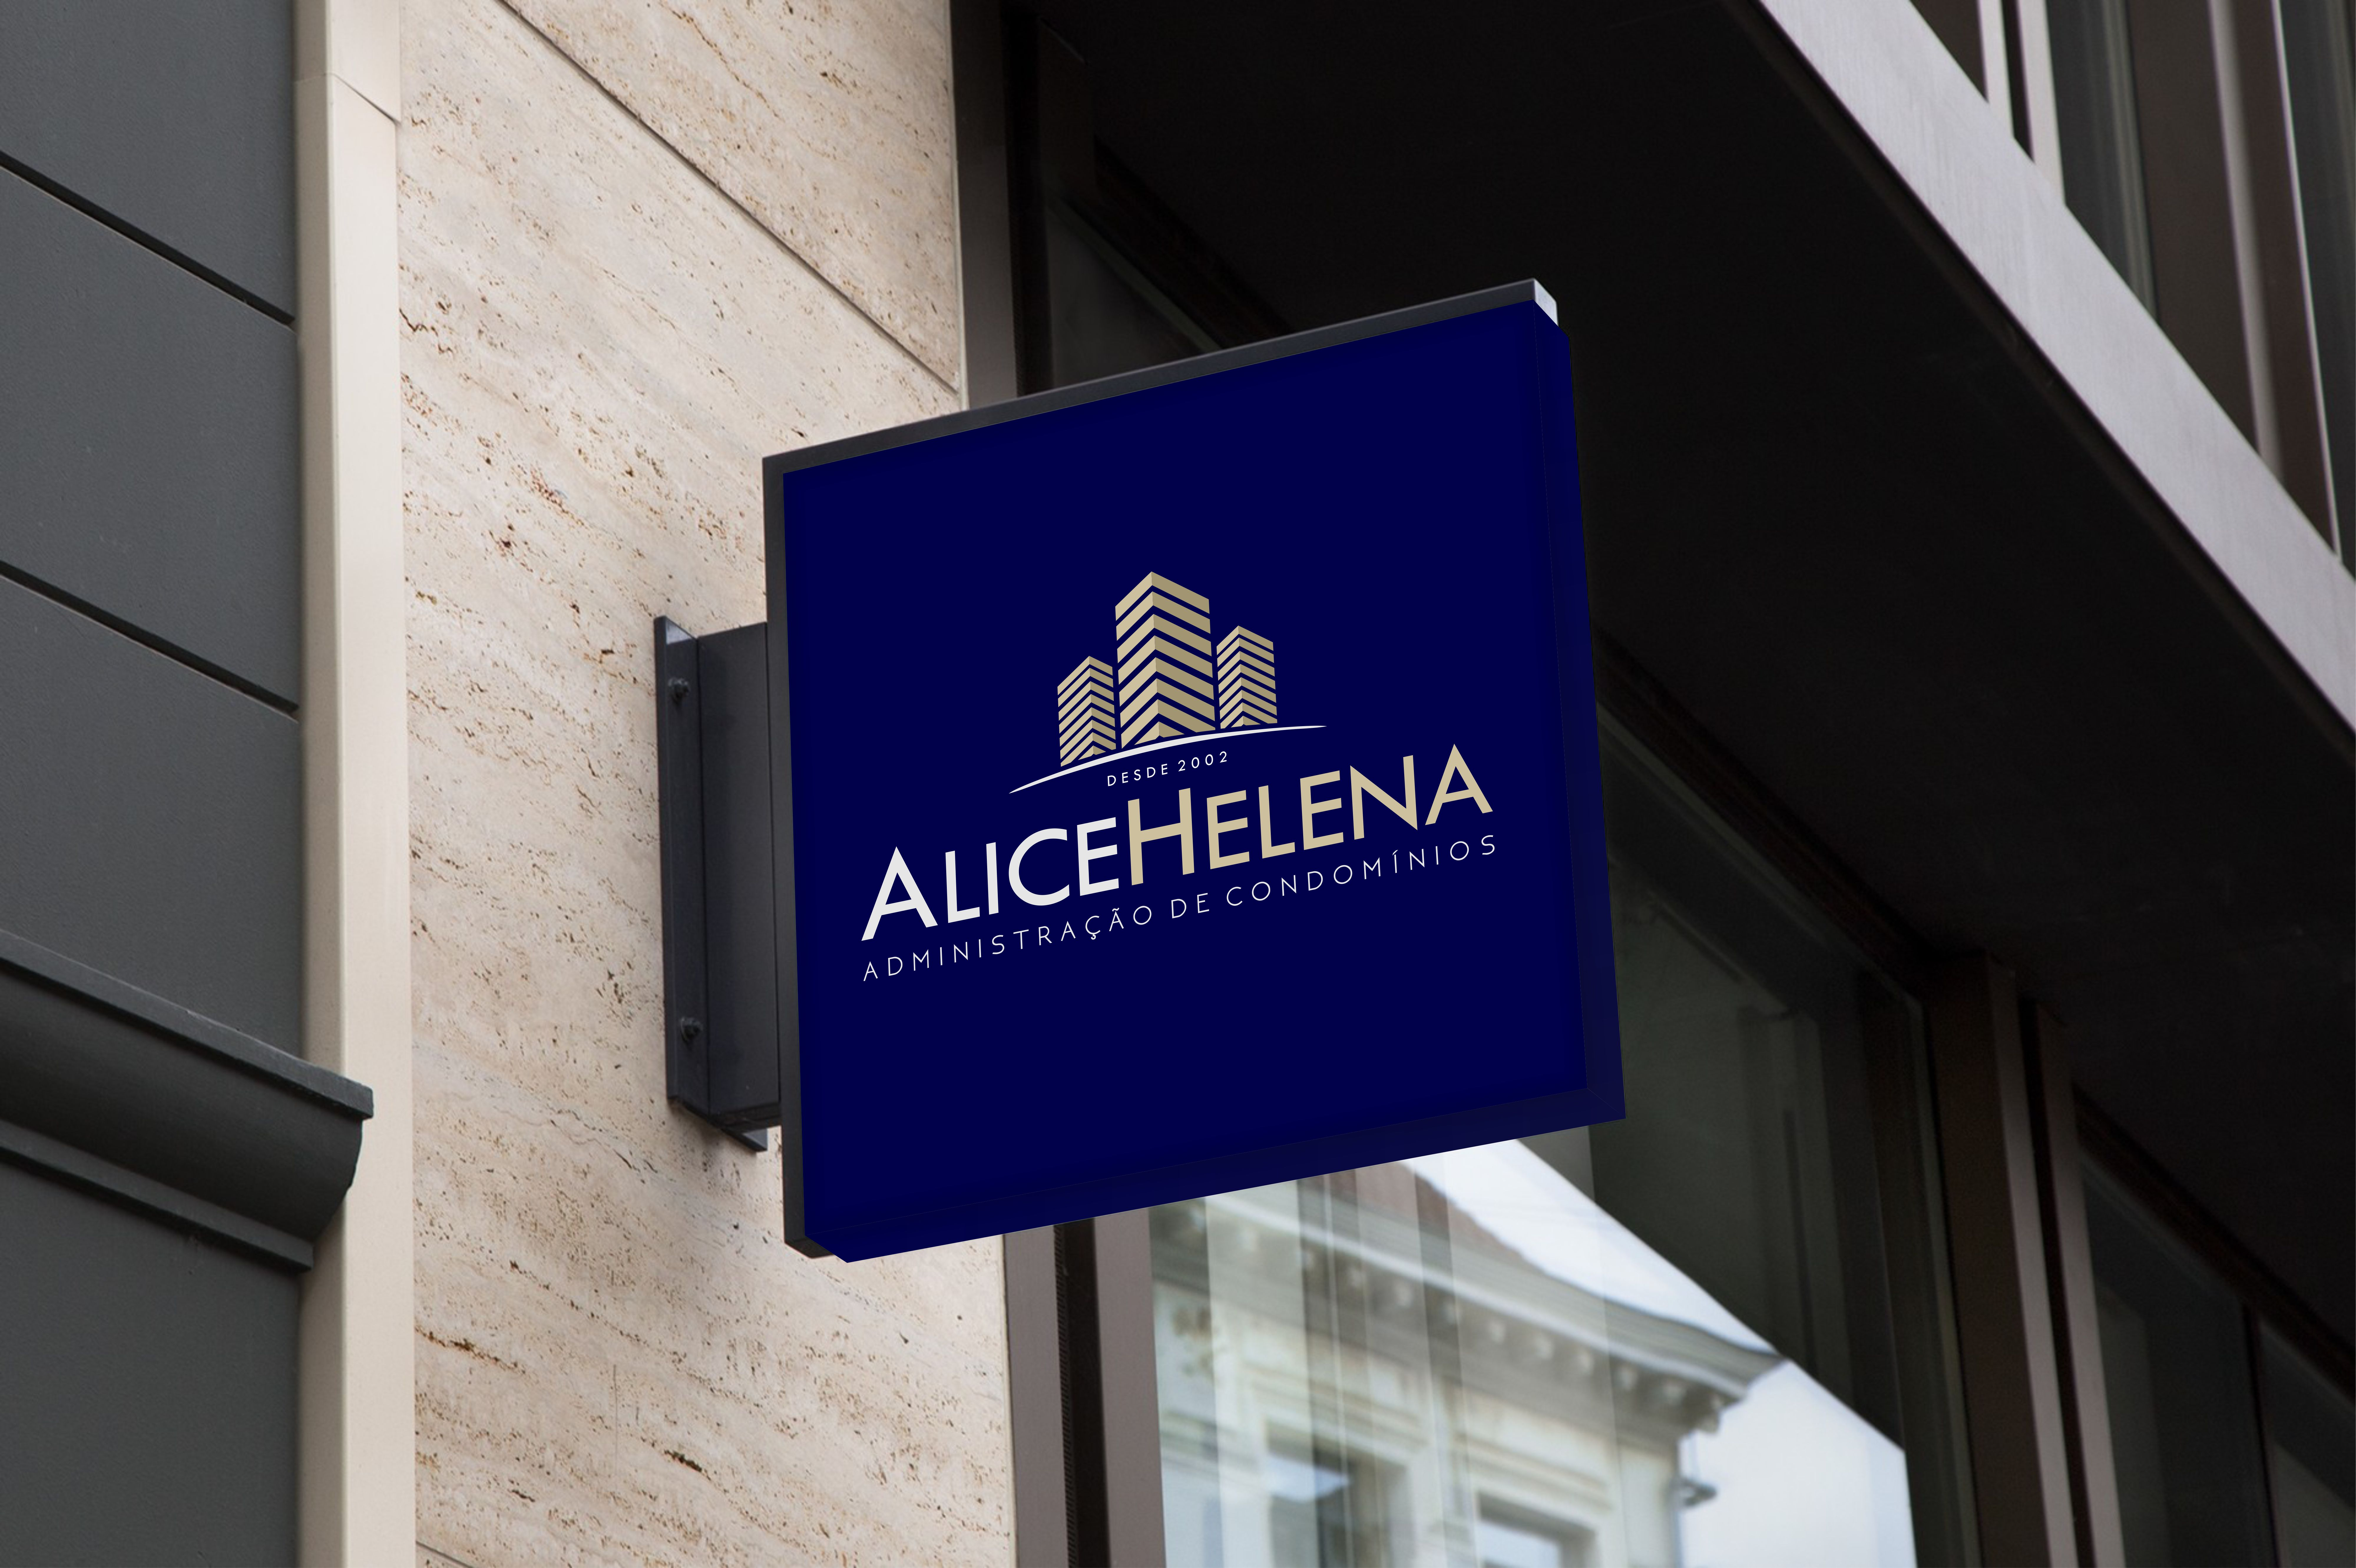 AliceHelena